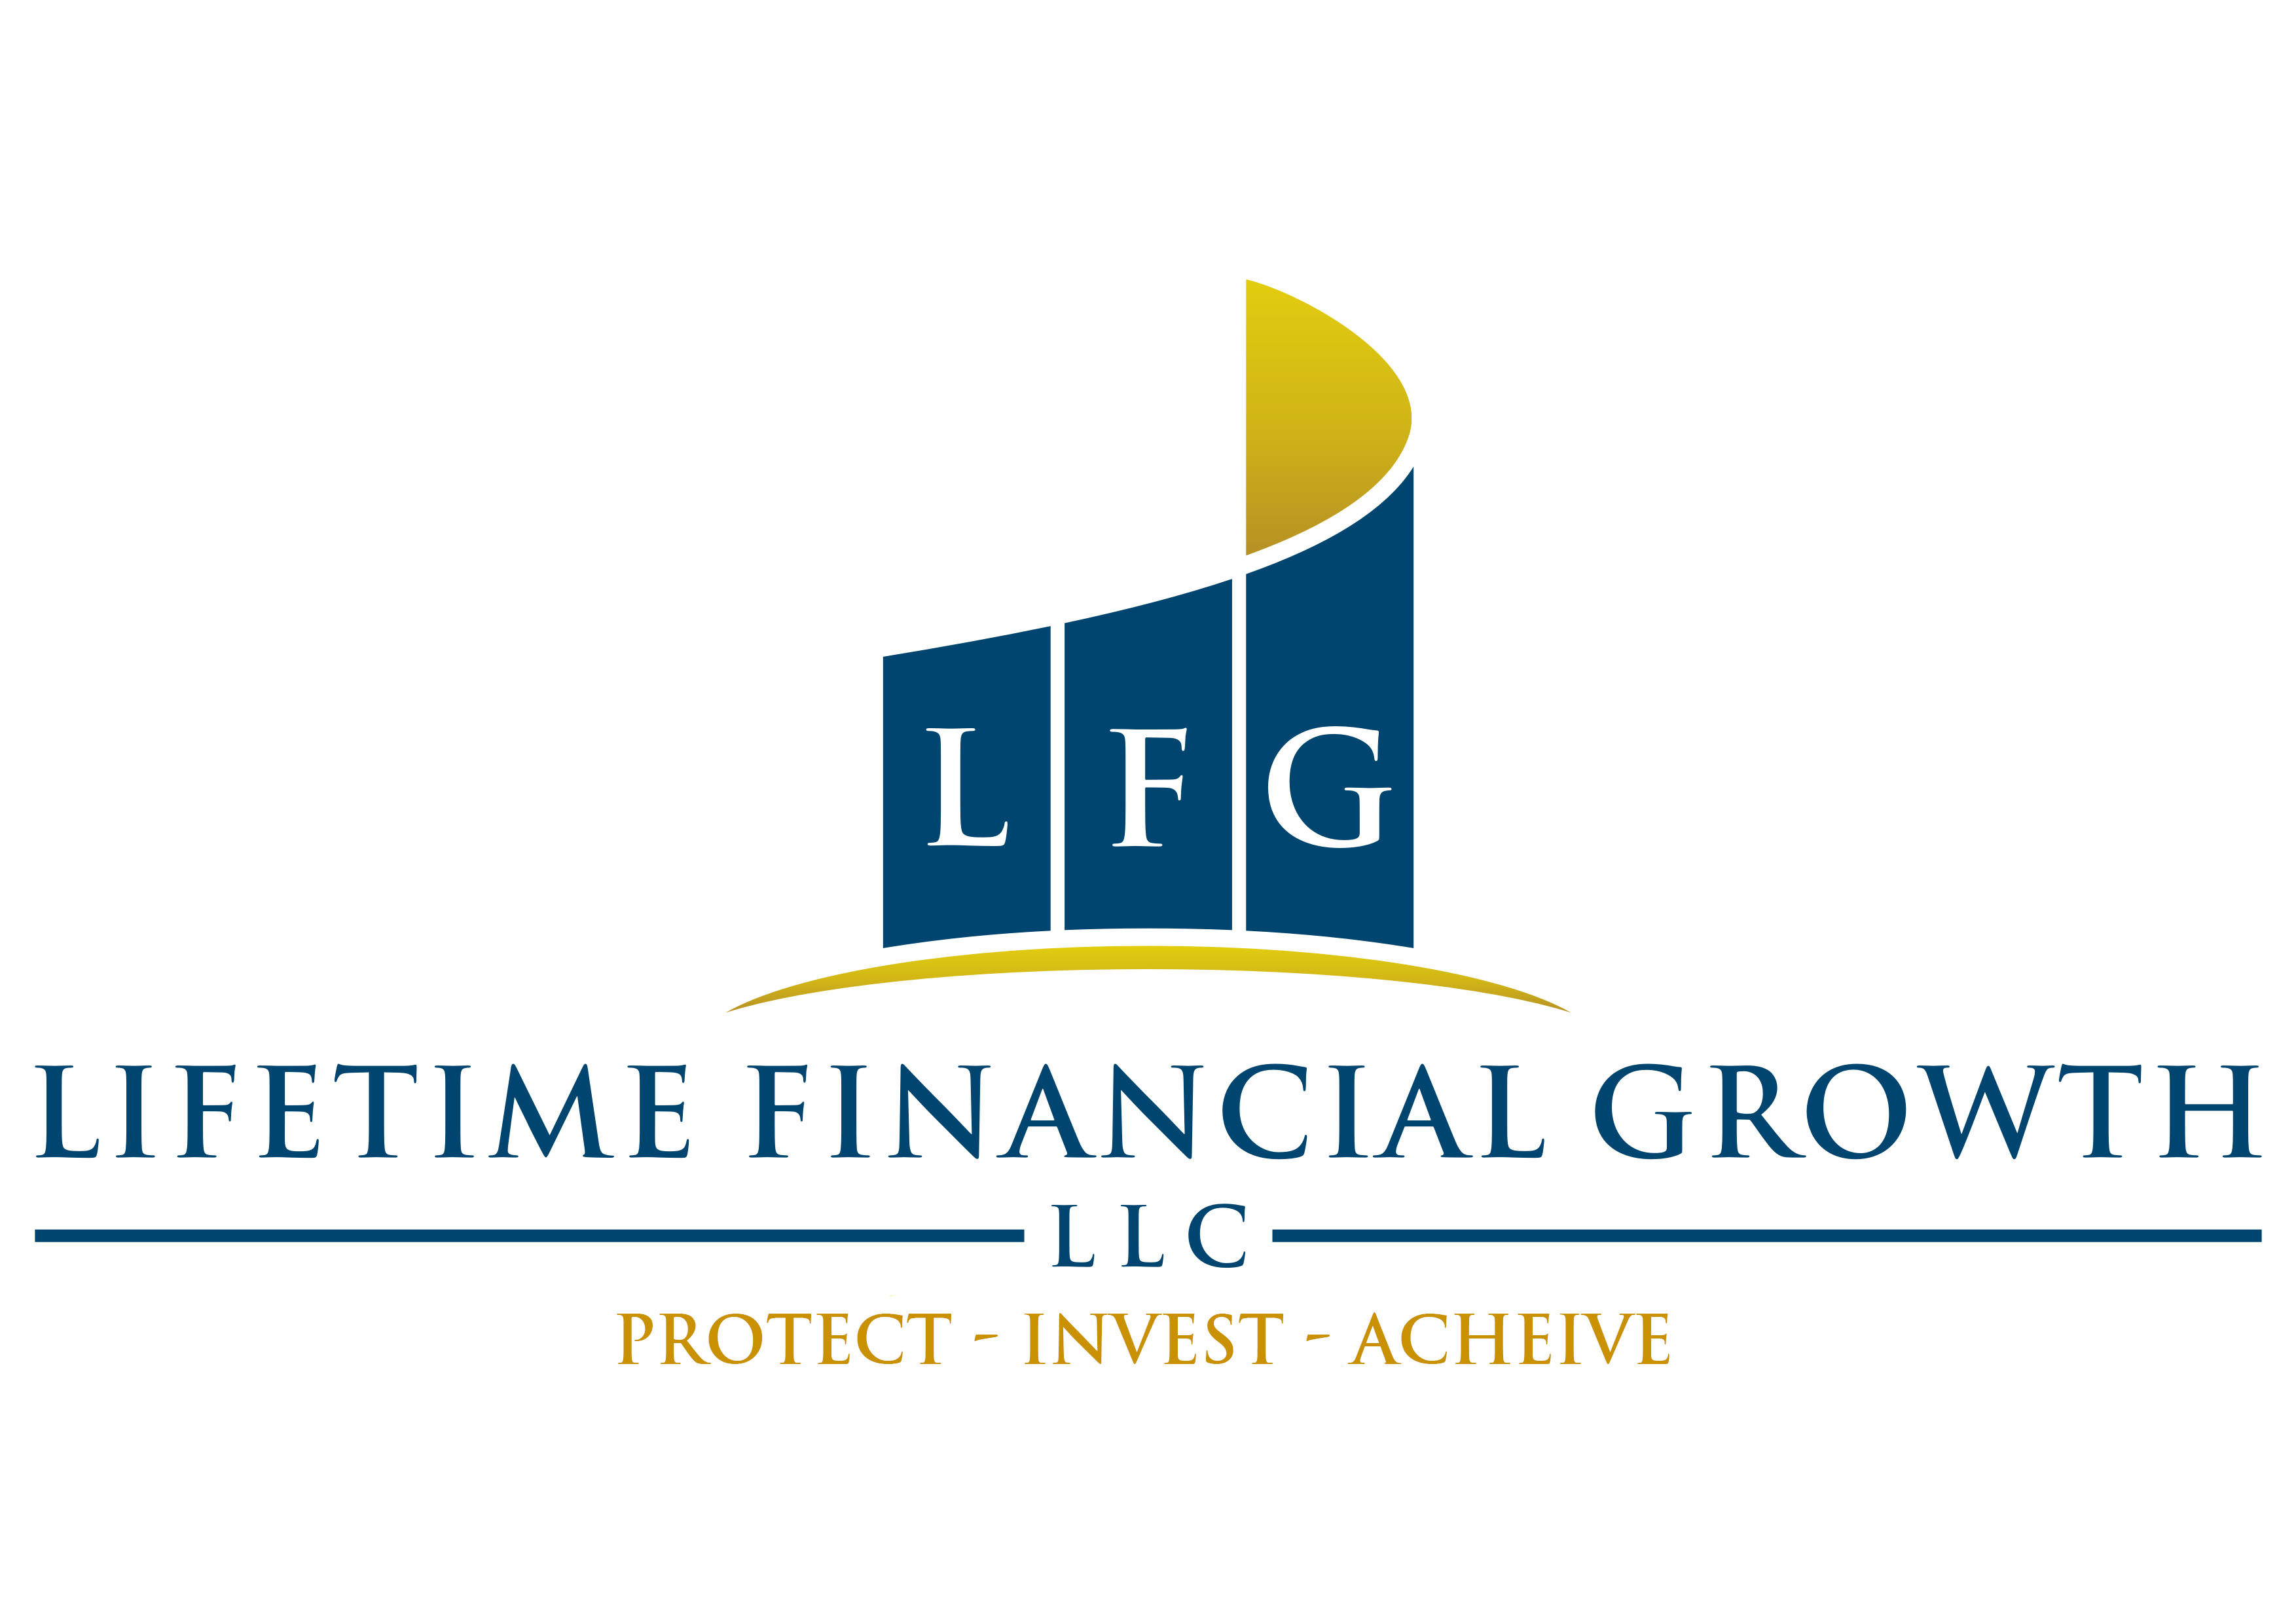 Lifetime Financial Growth LLC